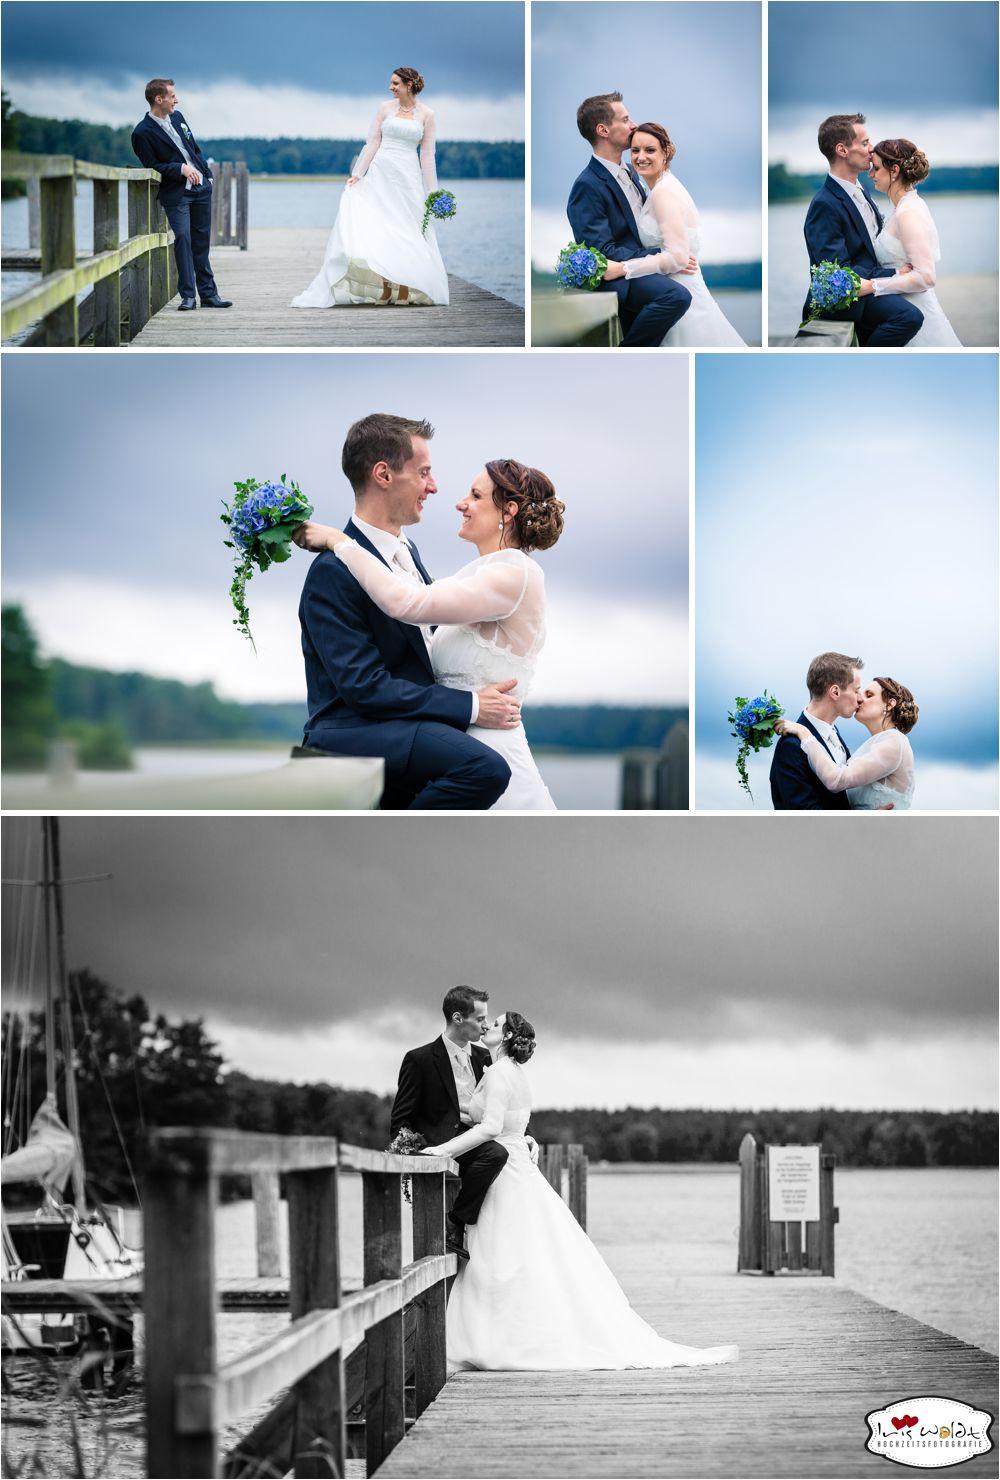 Hochzeitsfotograf_Brautpaarshooting_Hafendorf15